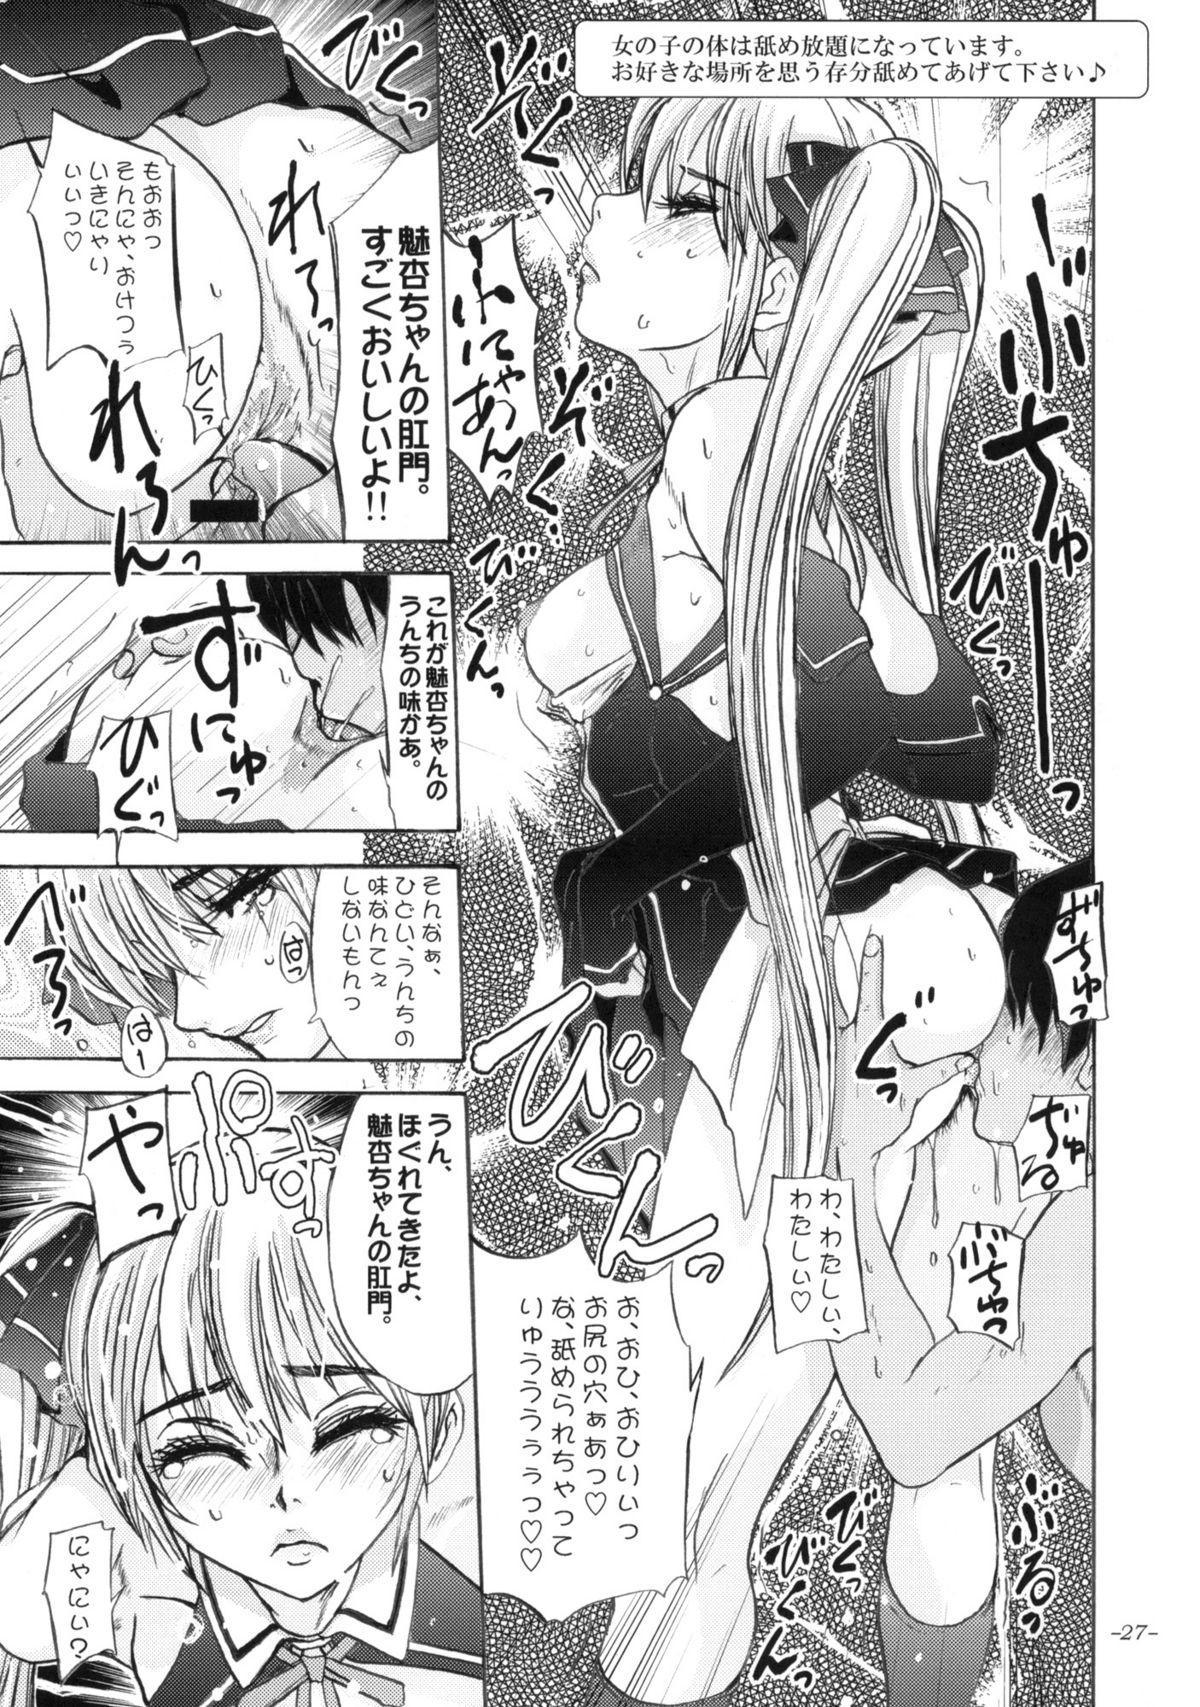 Mono ni Naru Mesu Buta no Kara da. 27